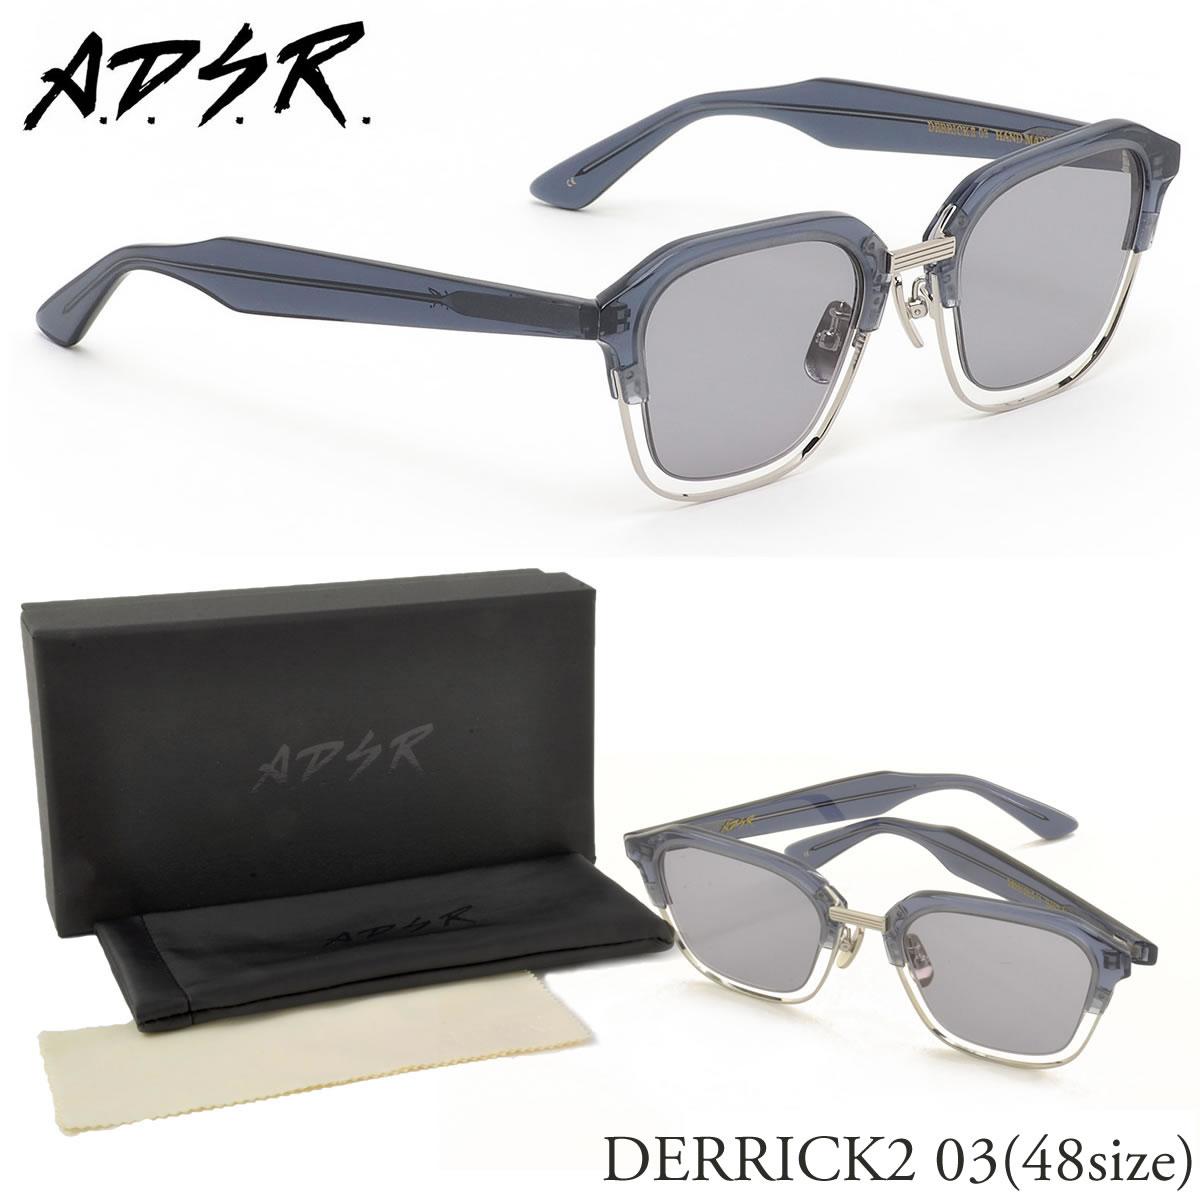 【10月30日からエントリーで全品ポイント20倍】【A.D.S.R.】 (エーディーエスアール) サングラスDERRICK2 03 48サイズA.D.S.R. ADSR メンズ レディース